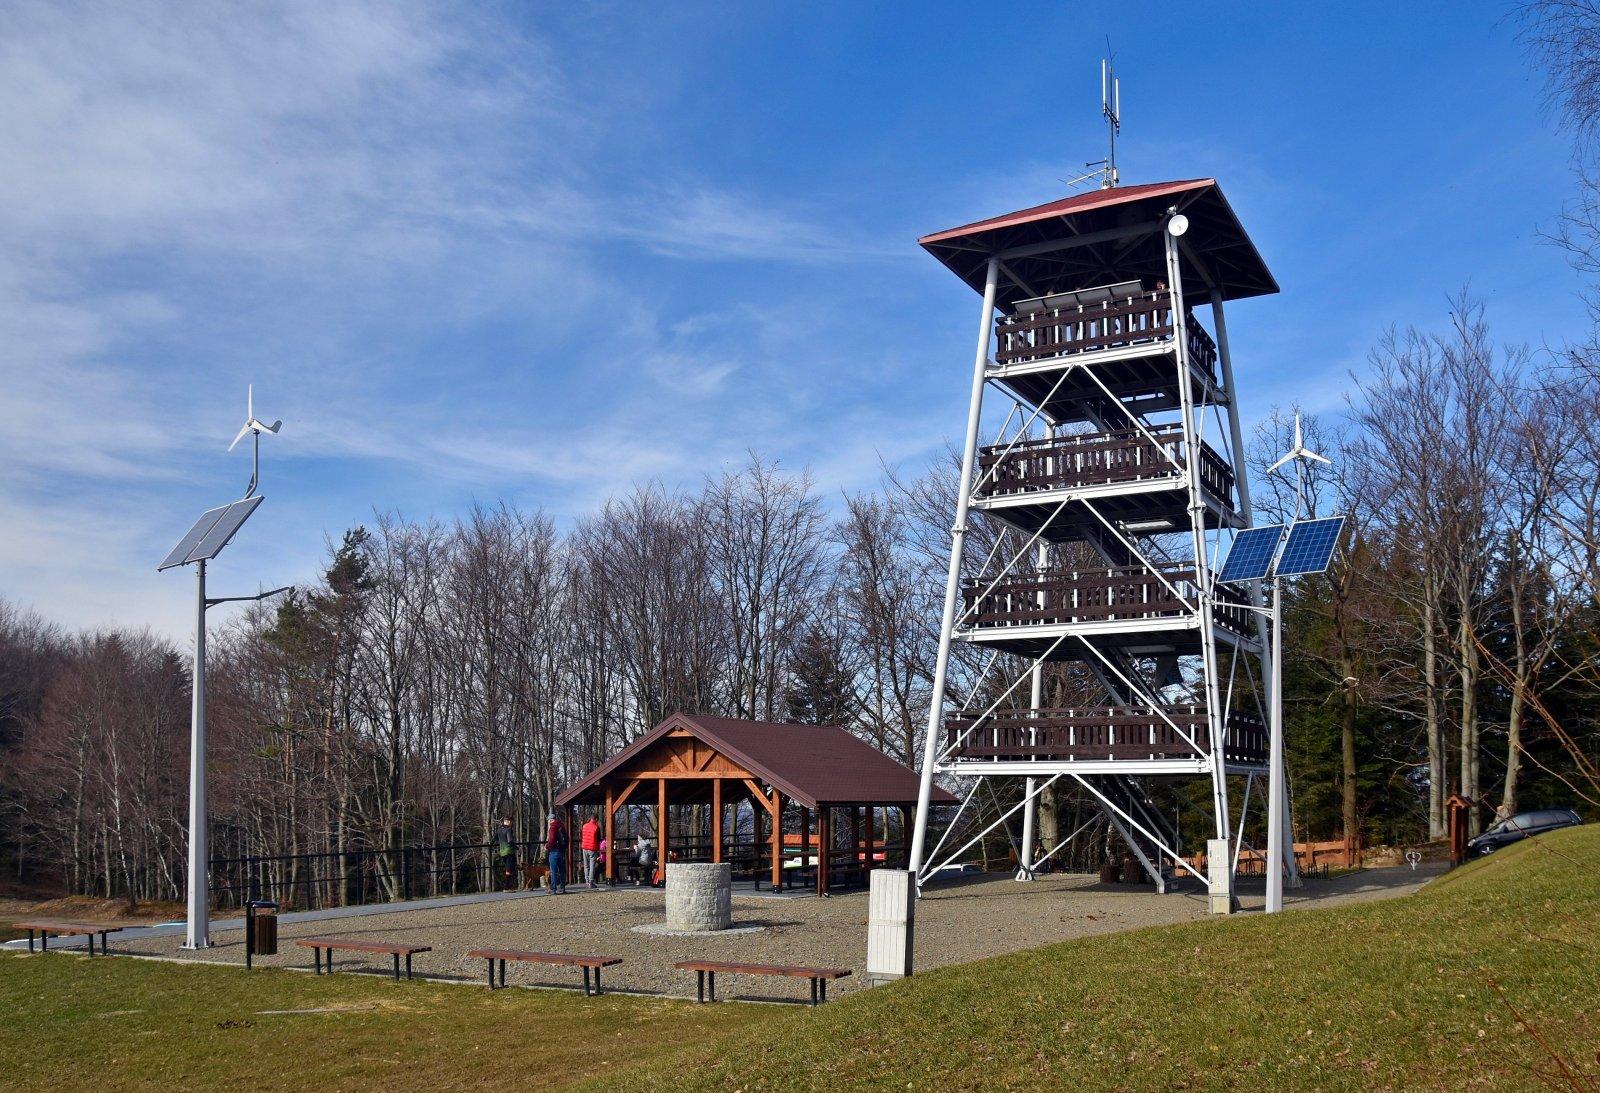 Wieża widokowa pod Brzanką, fot. Henryk Bielamowicz - CC BY-SA 4.0